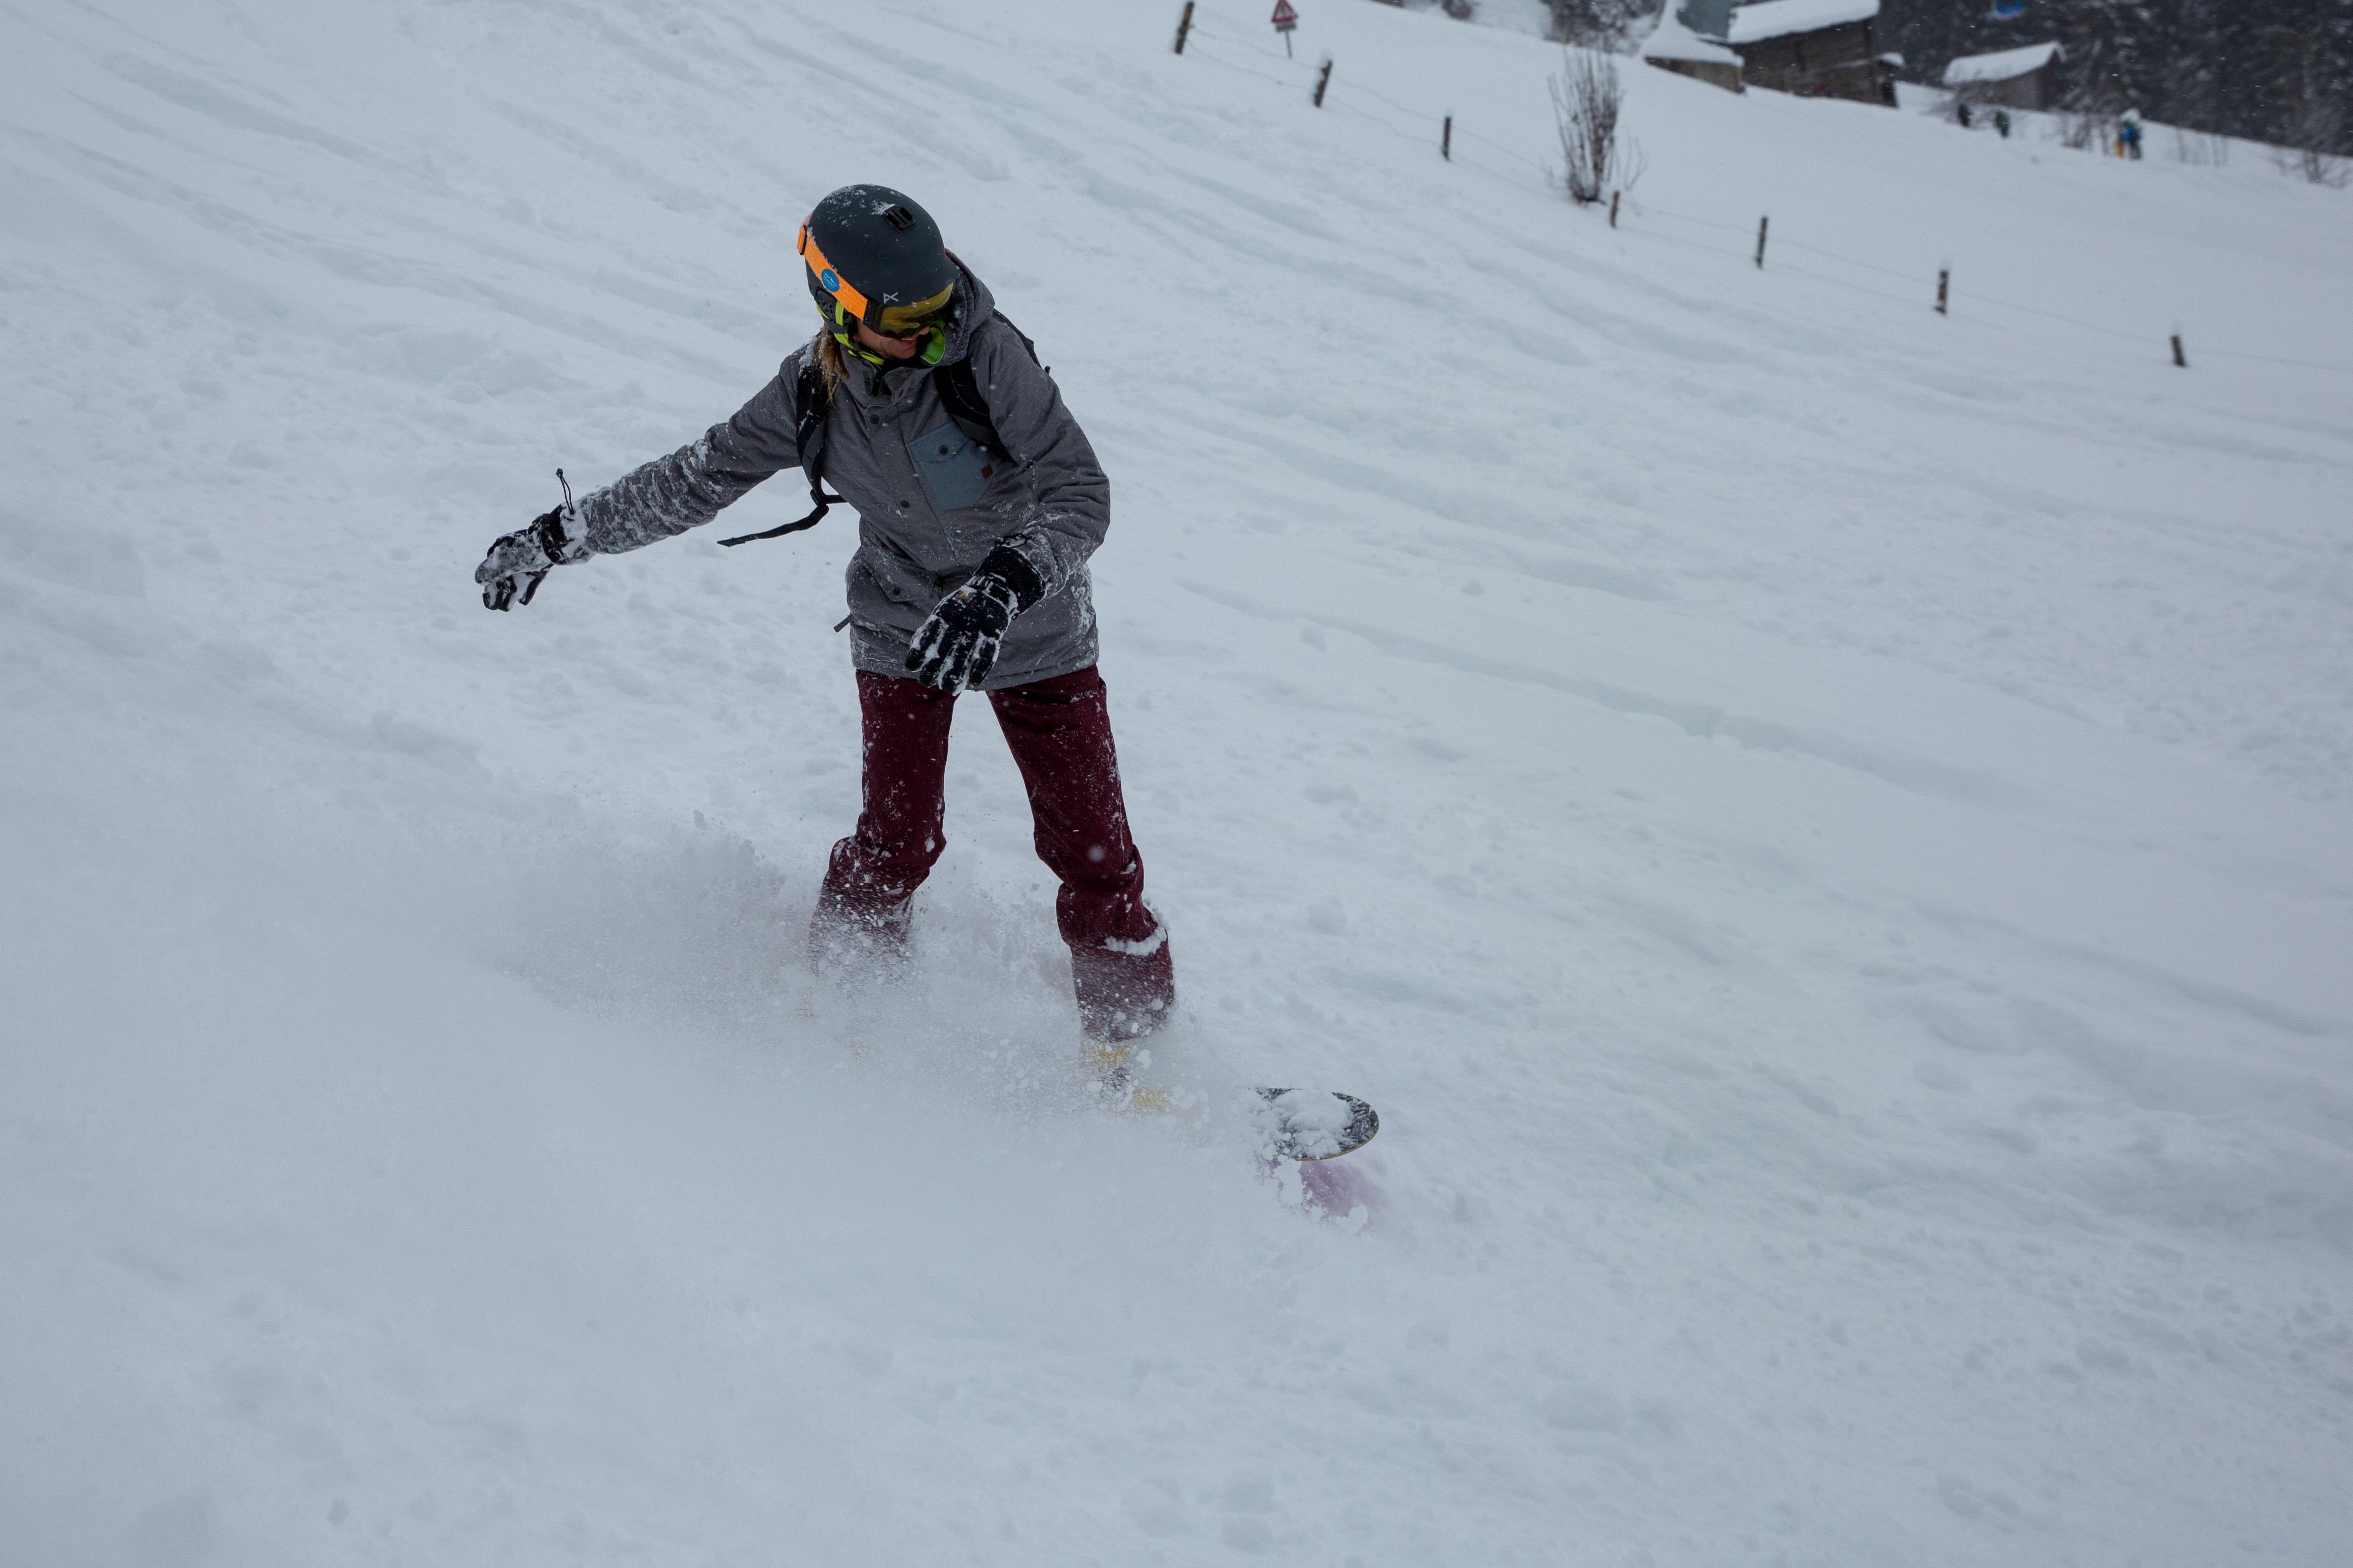 zillertal, oostenrijk, wintersport, snowboarden, valley rally, daisy